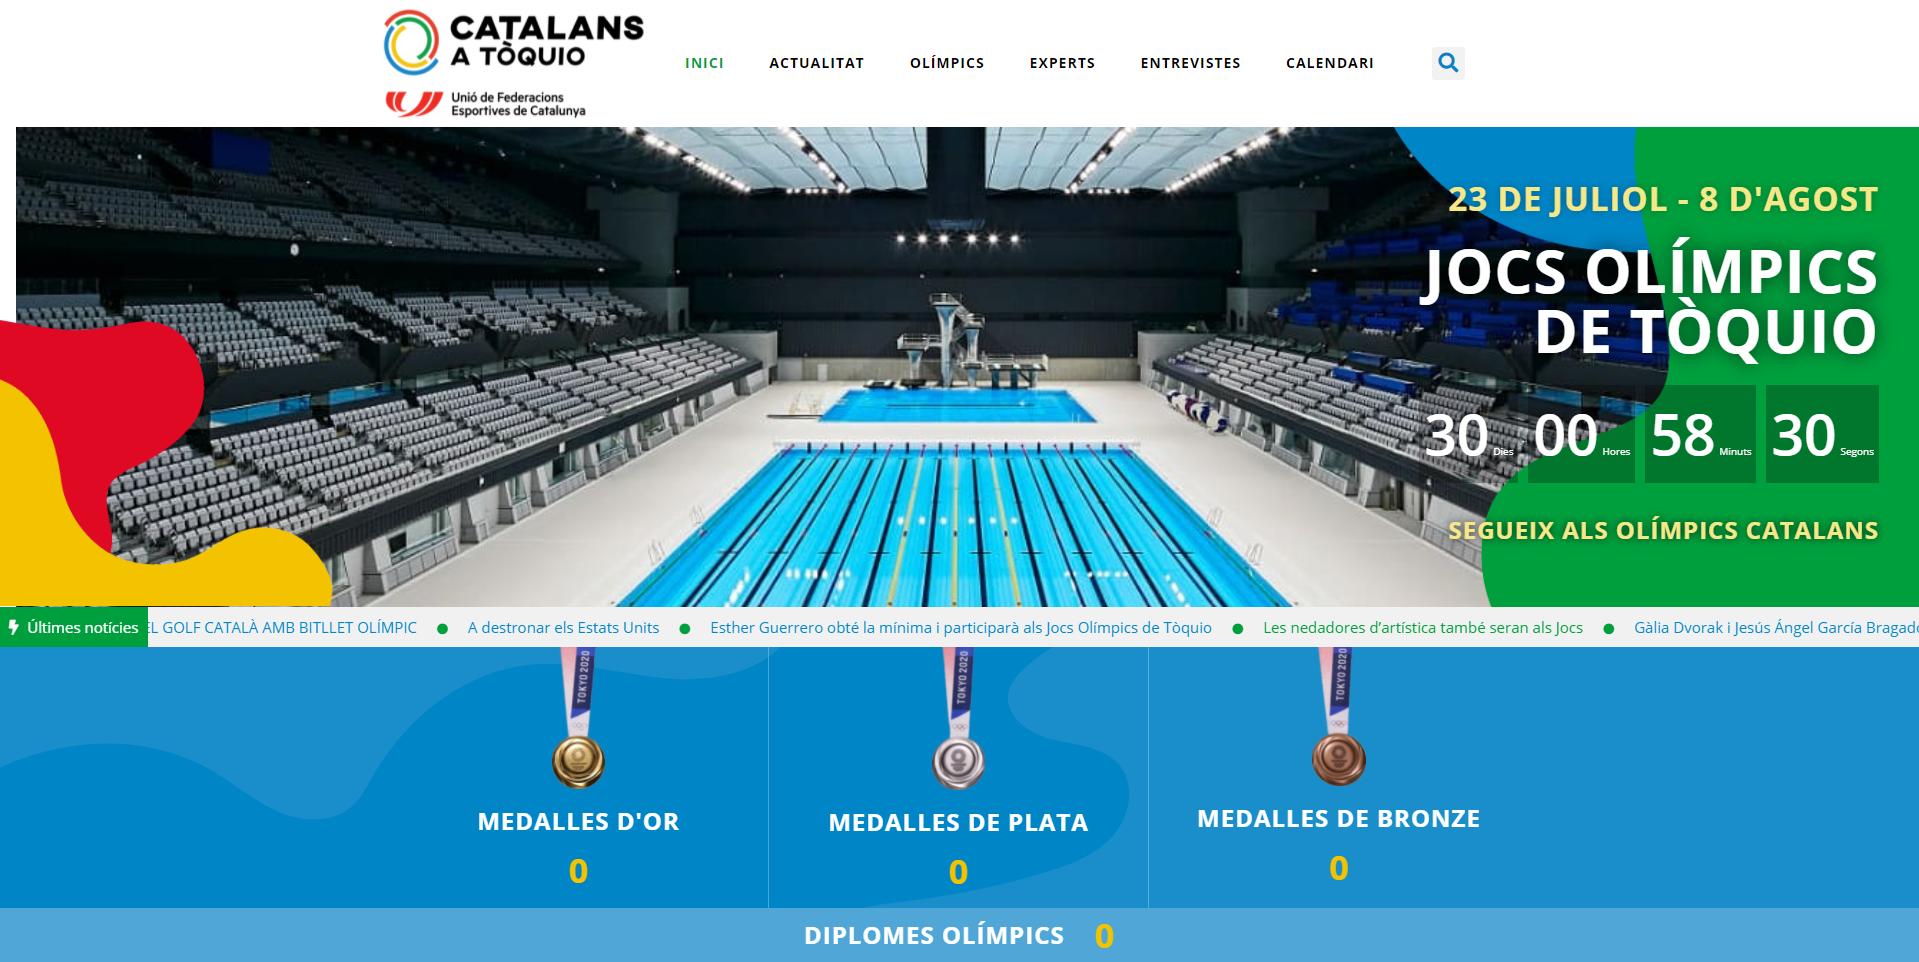 La UFEC lanza una web para seguir a los deportistas catalanes en Tokio